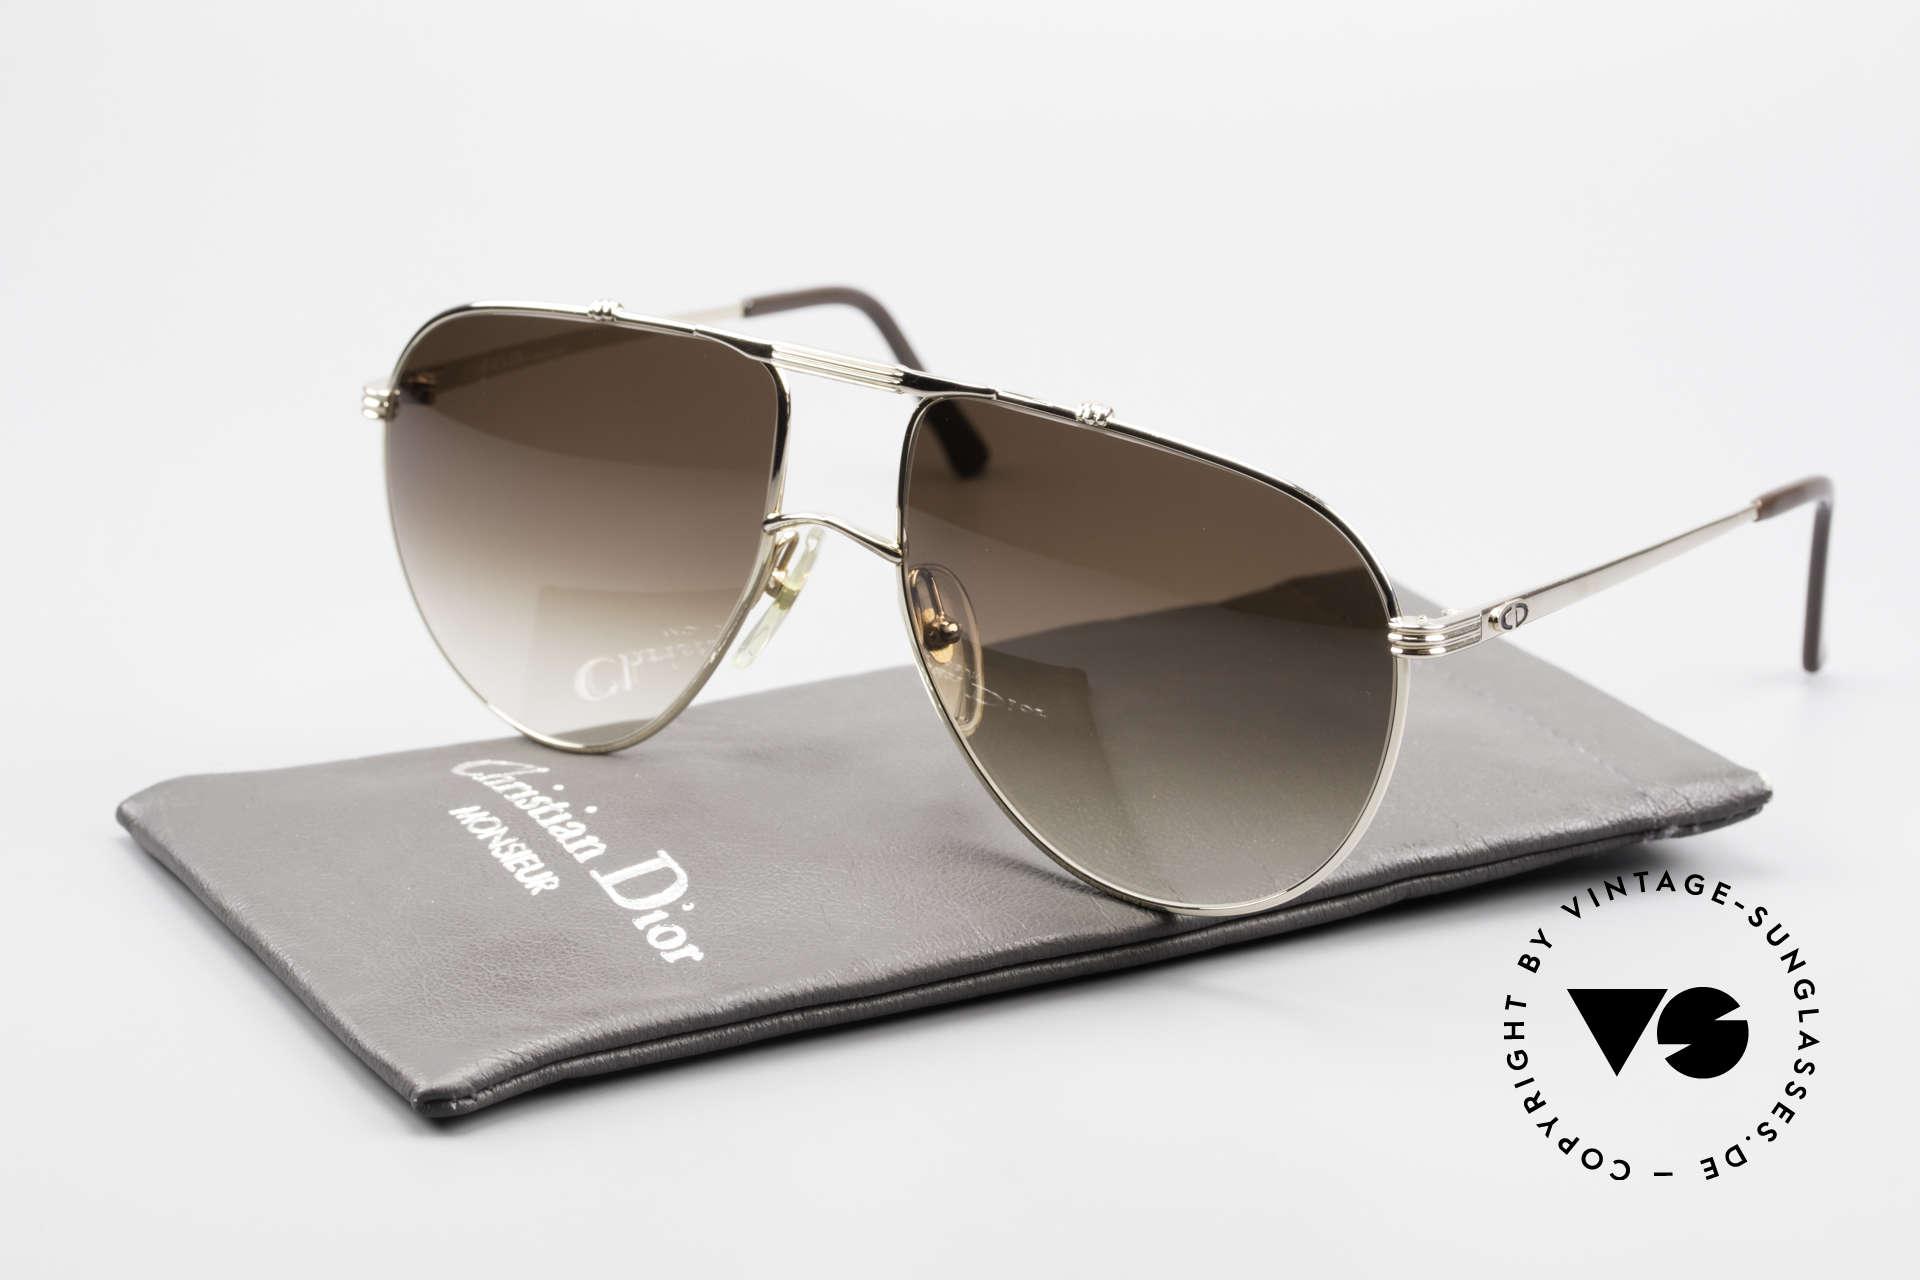 Christian Dior 2248 XL 80er Herren Sonnenbrille, Sonnengläser in braun-Verlauf (100% UV Protection), Passend für Herren